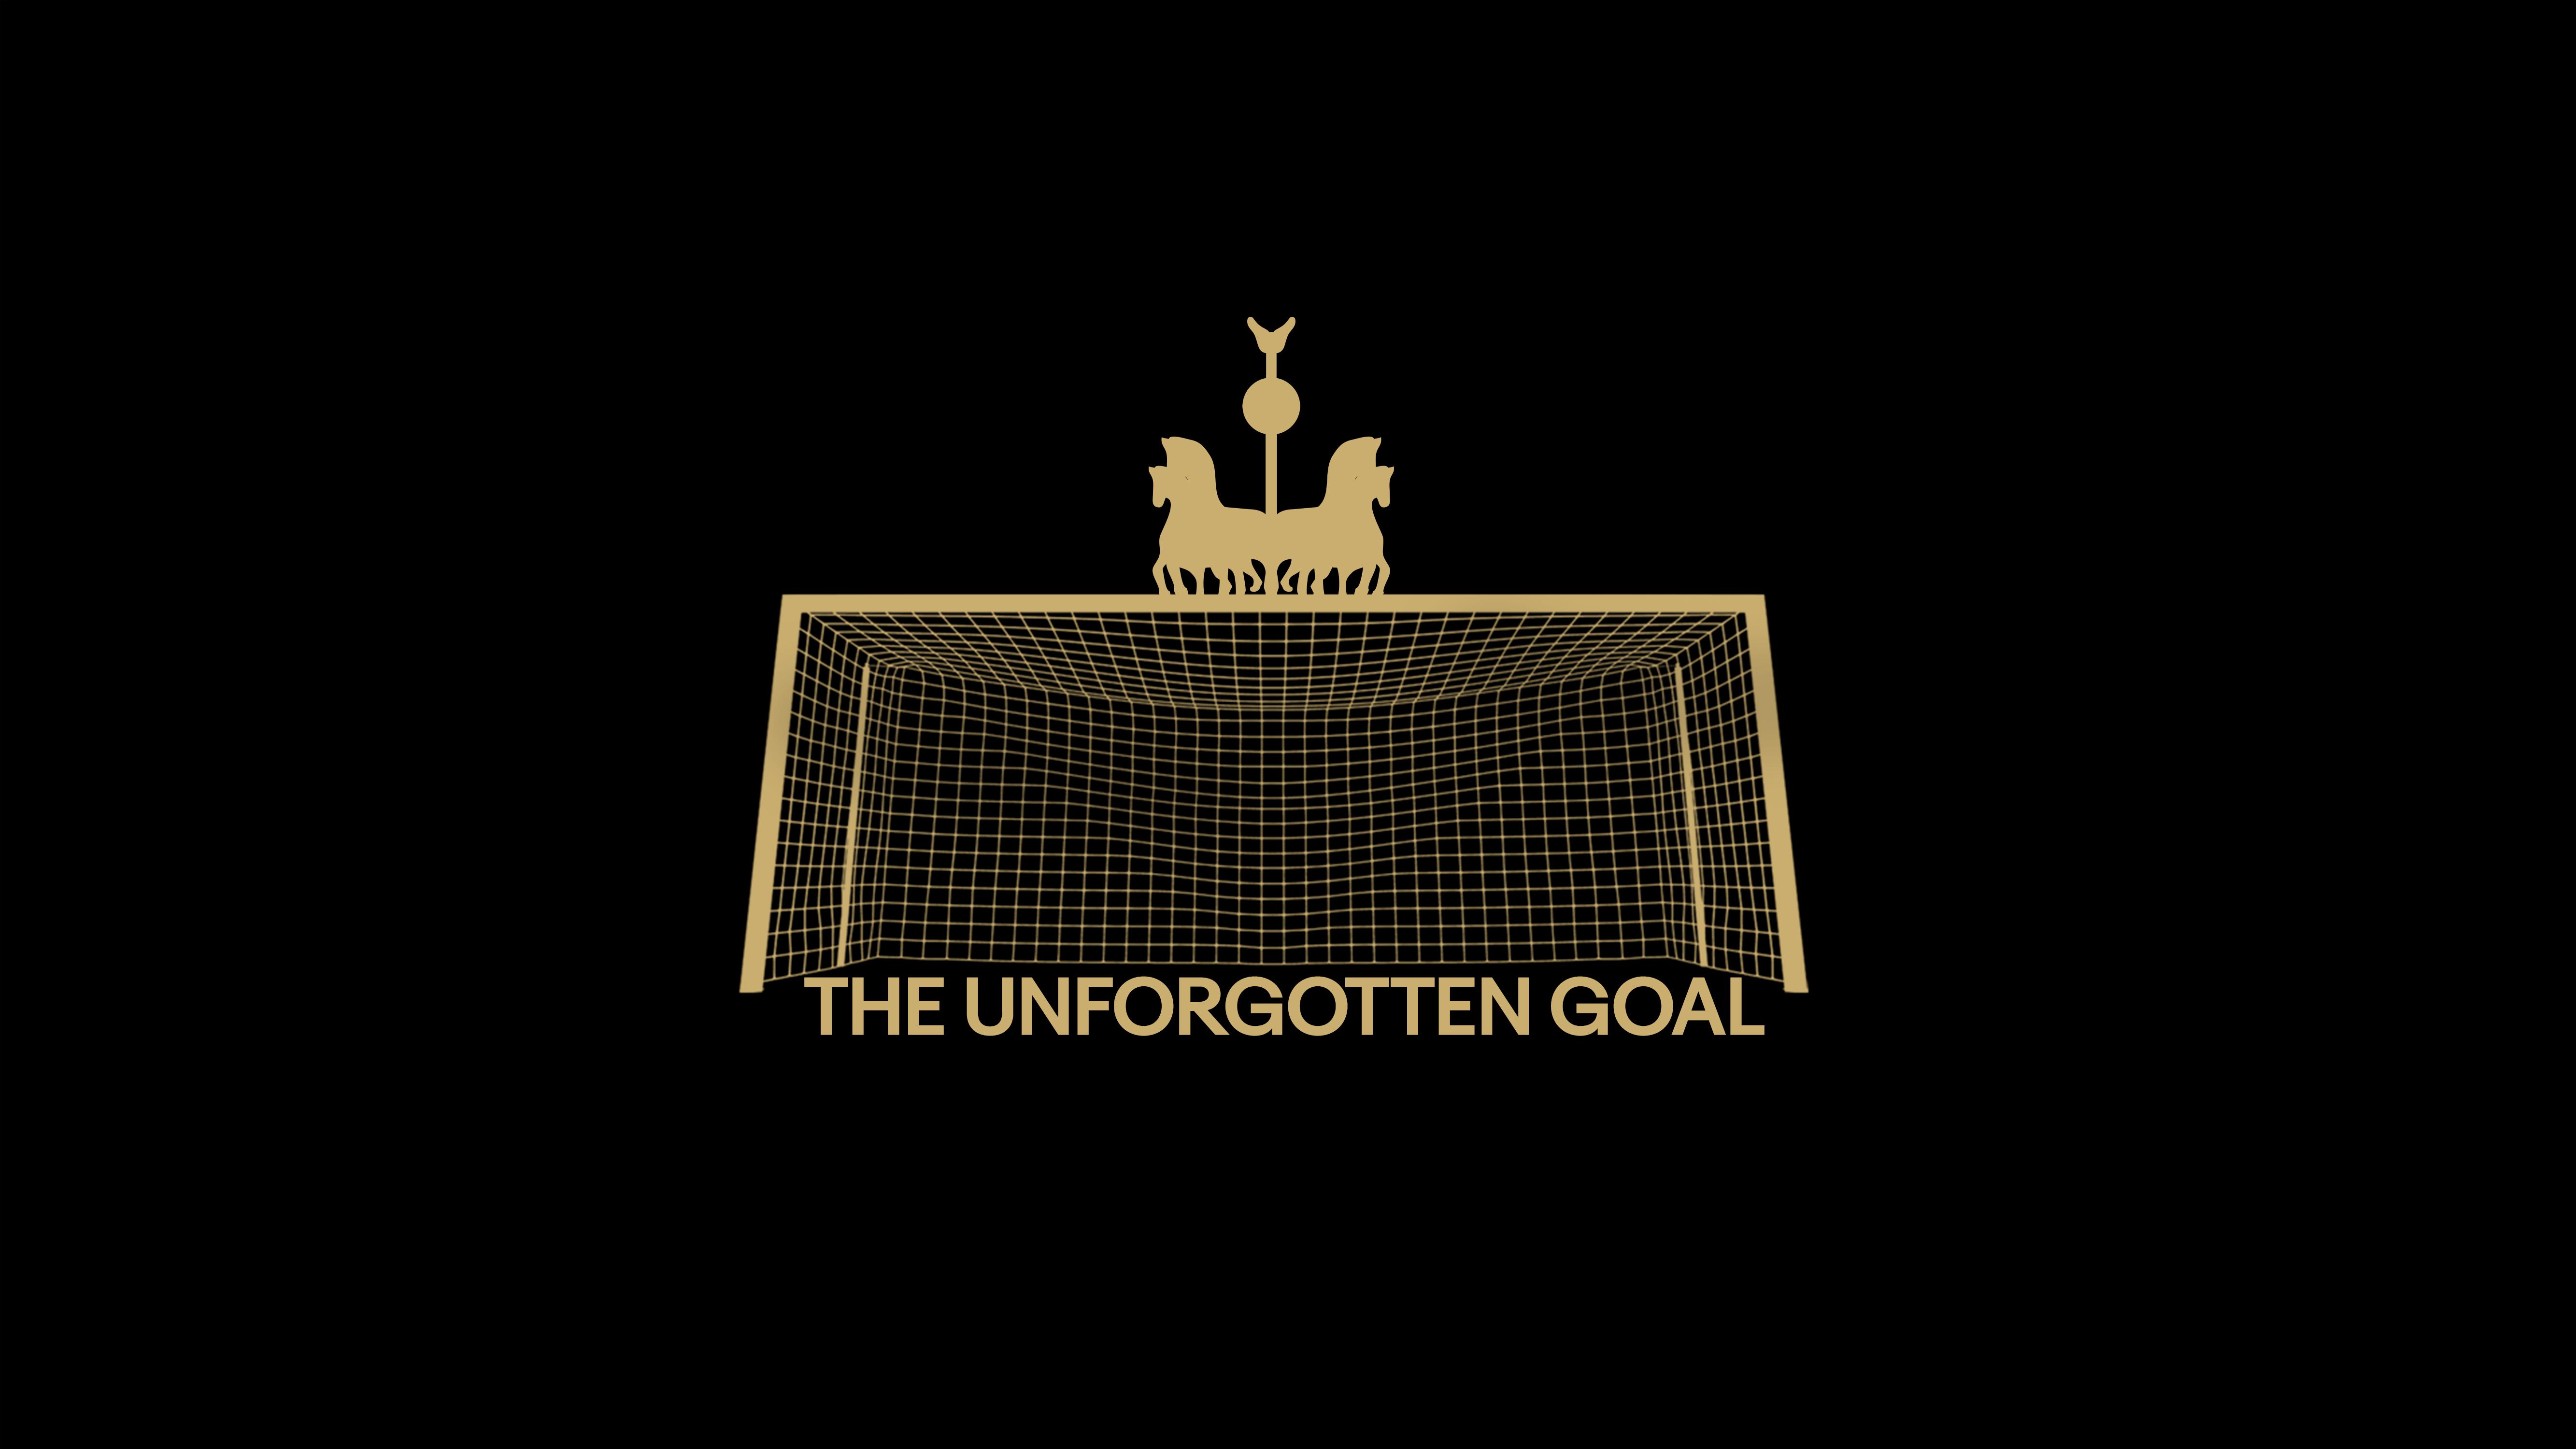 Thumbnail for THE unFORGOTTEN GOAL